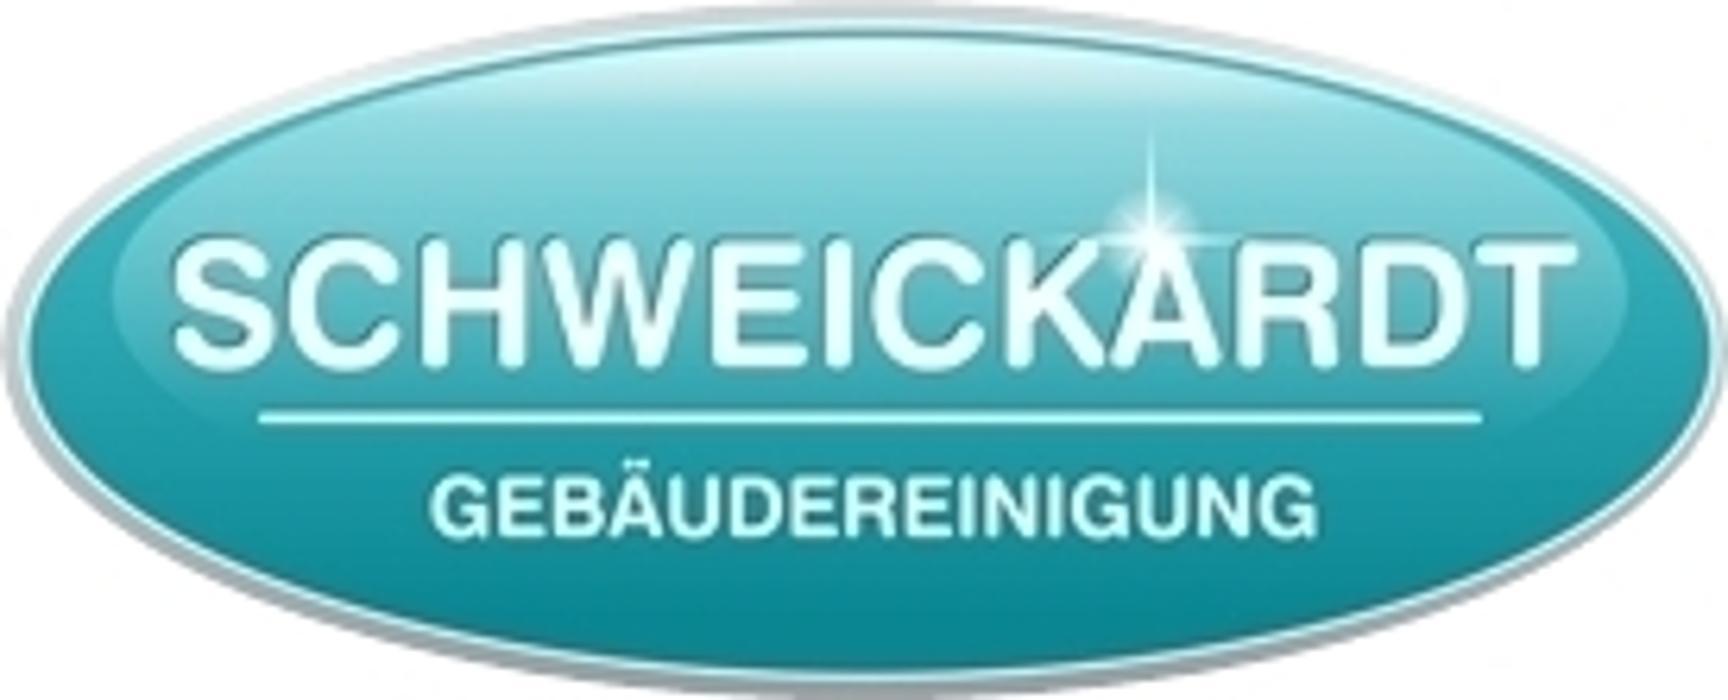 Bild zu Gebäudereinigung Schweickardt in Düsseldorf